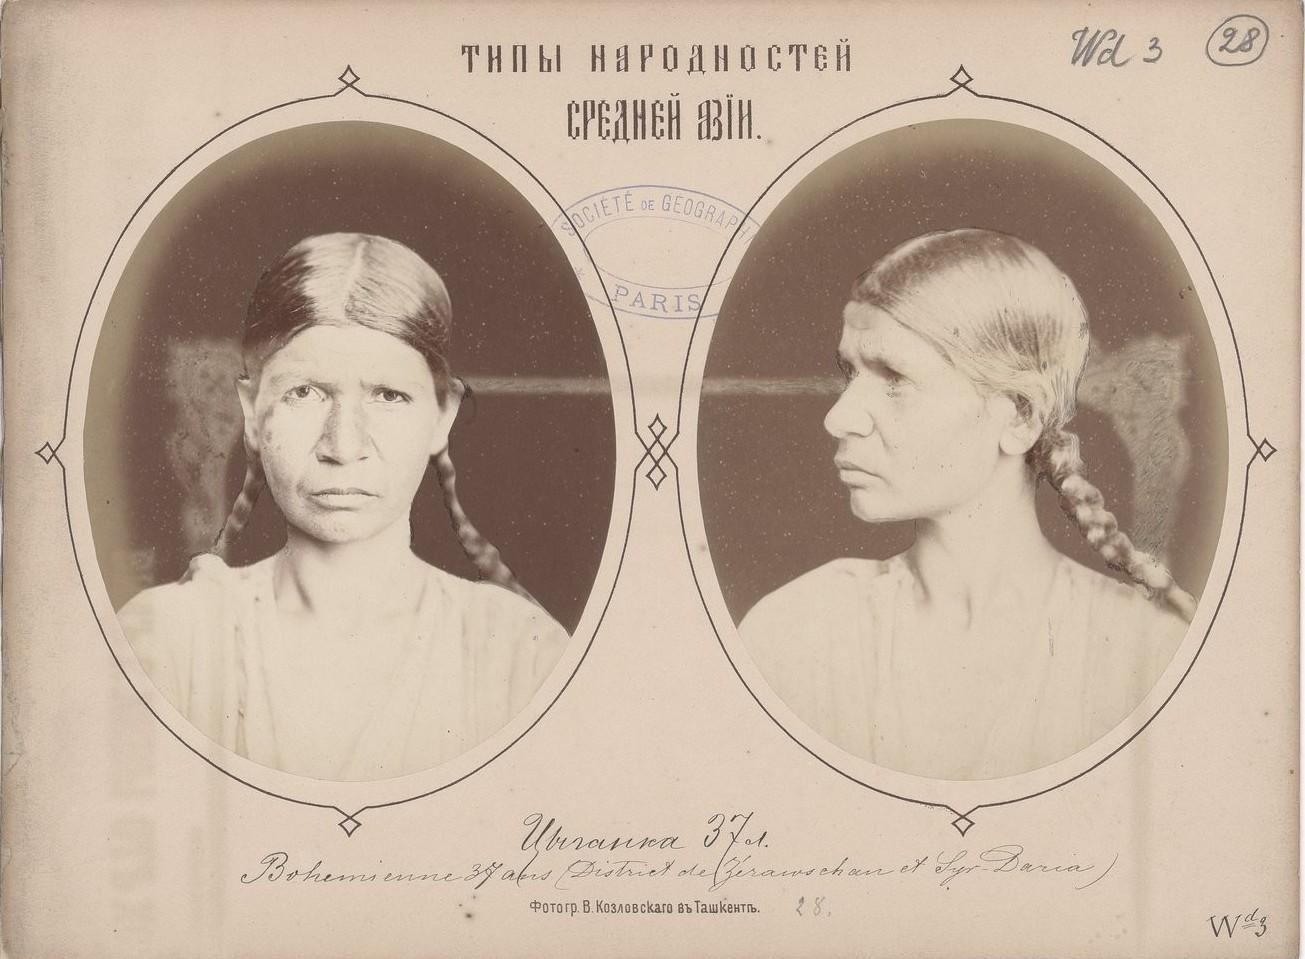 Цыганка, 37 лет. Зеравшанский округ